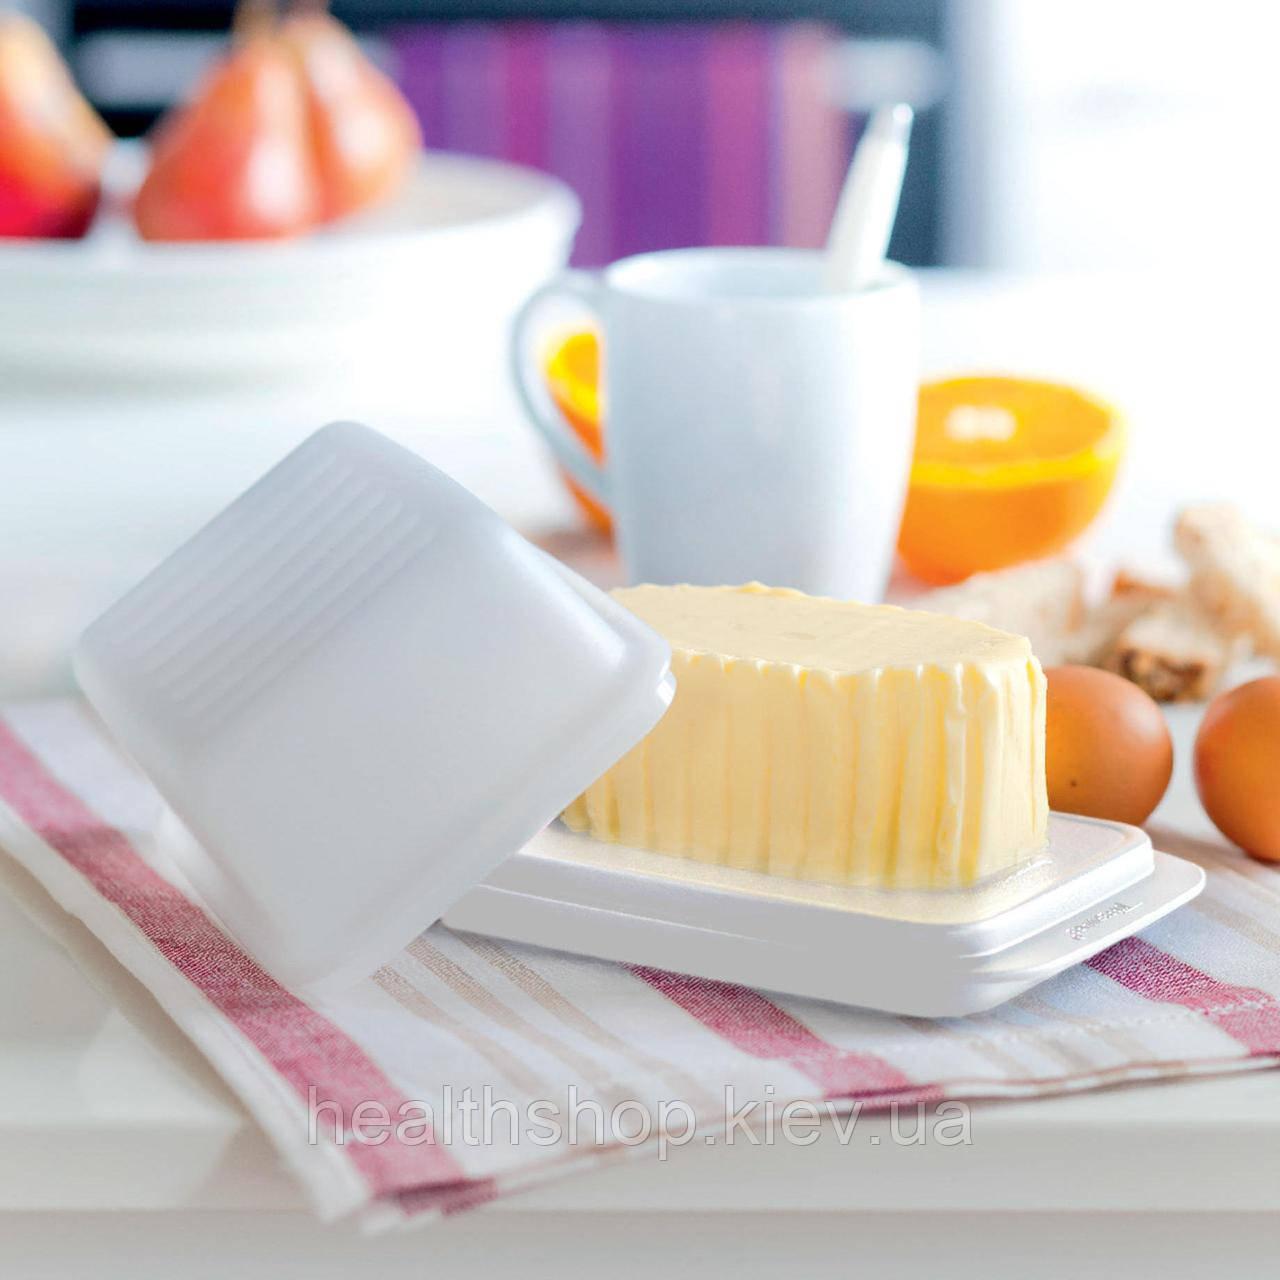 Масленка, Контейнер для сливочного масла Tupperware (Оригинал) Тапервер